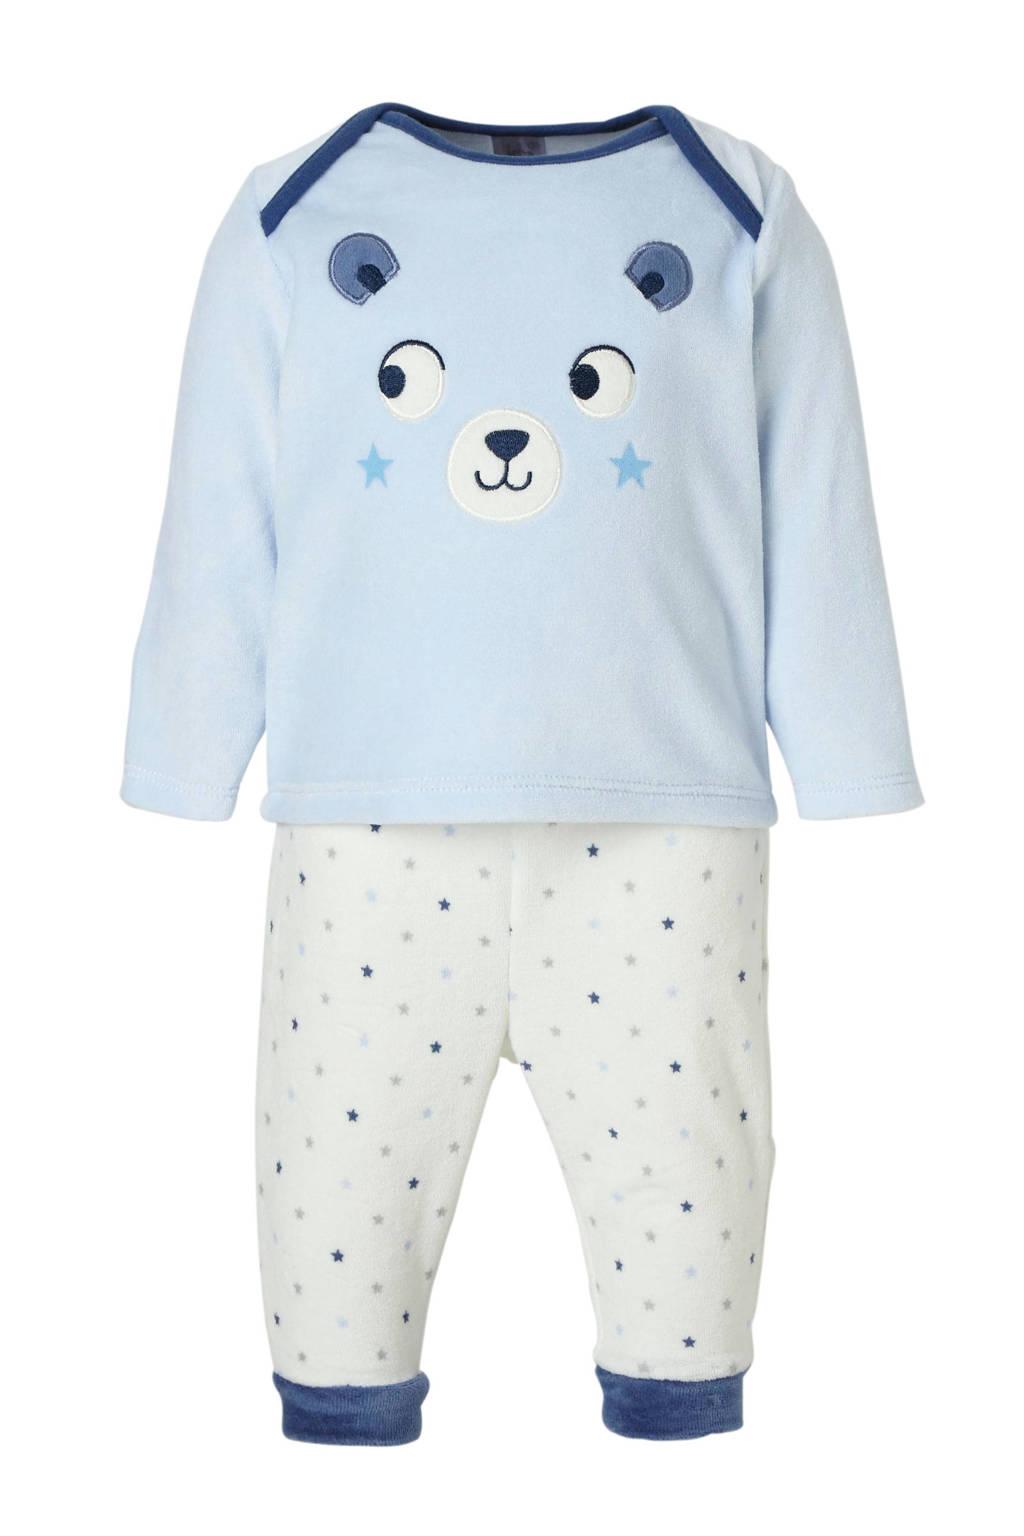 C&A Baby Club velours longsleeve + broek - set van 2, Blauw/ecru